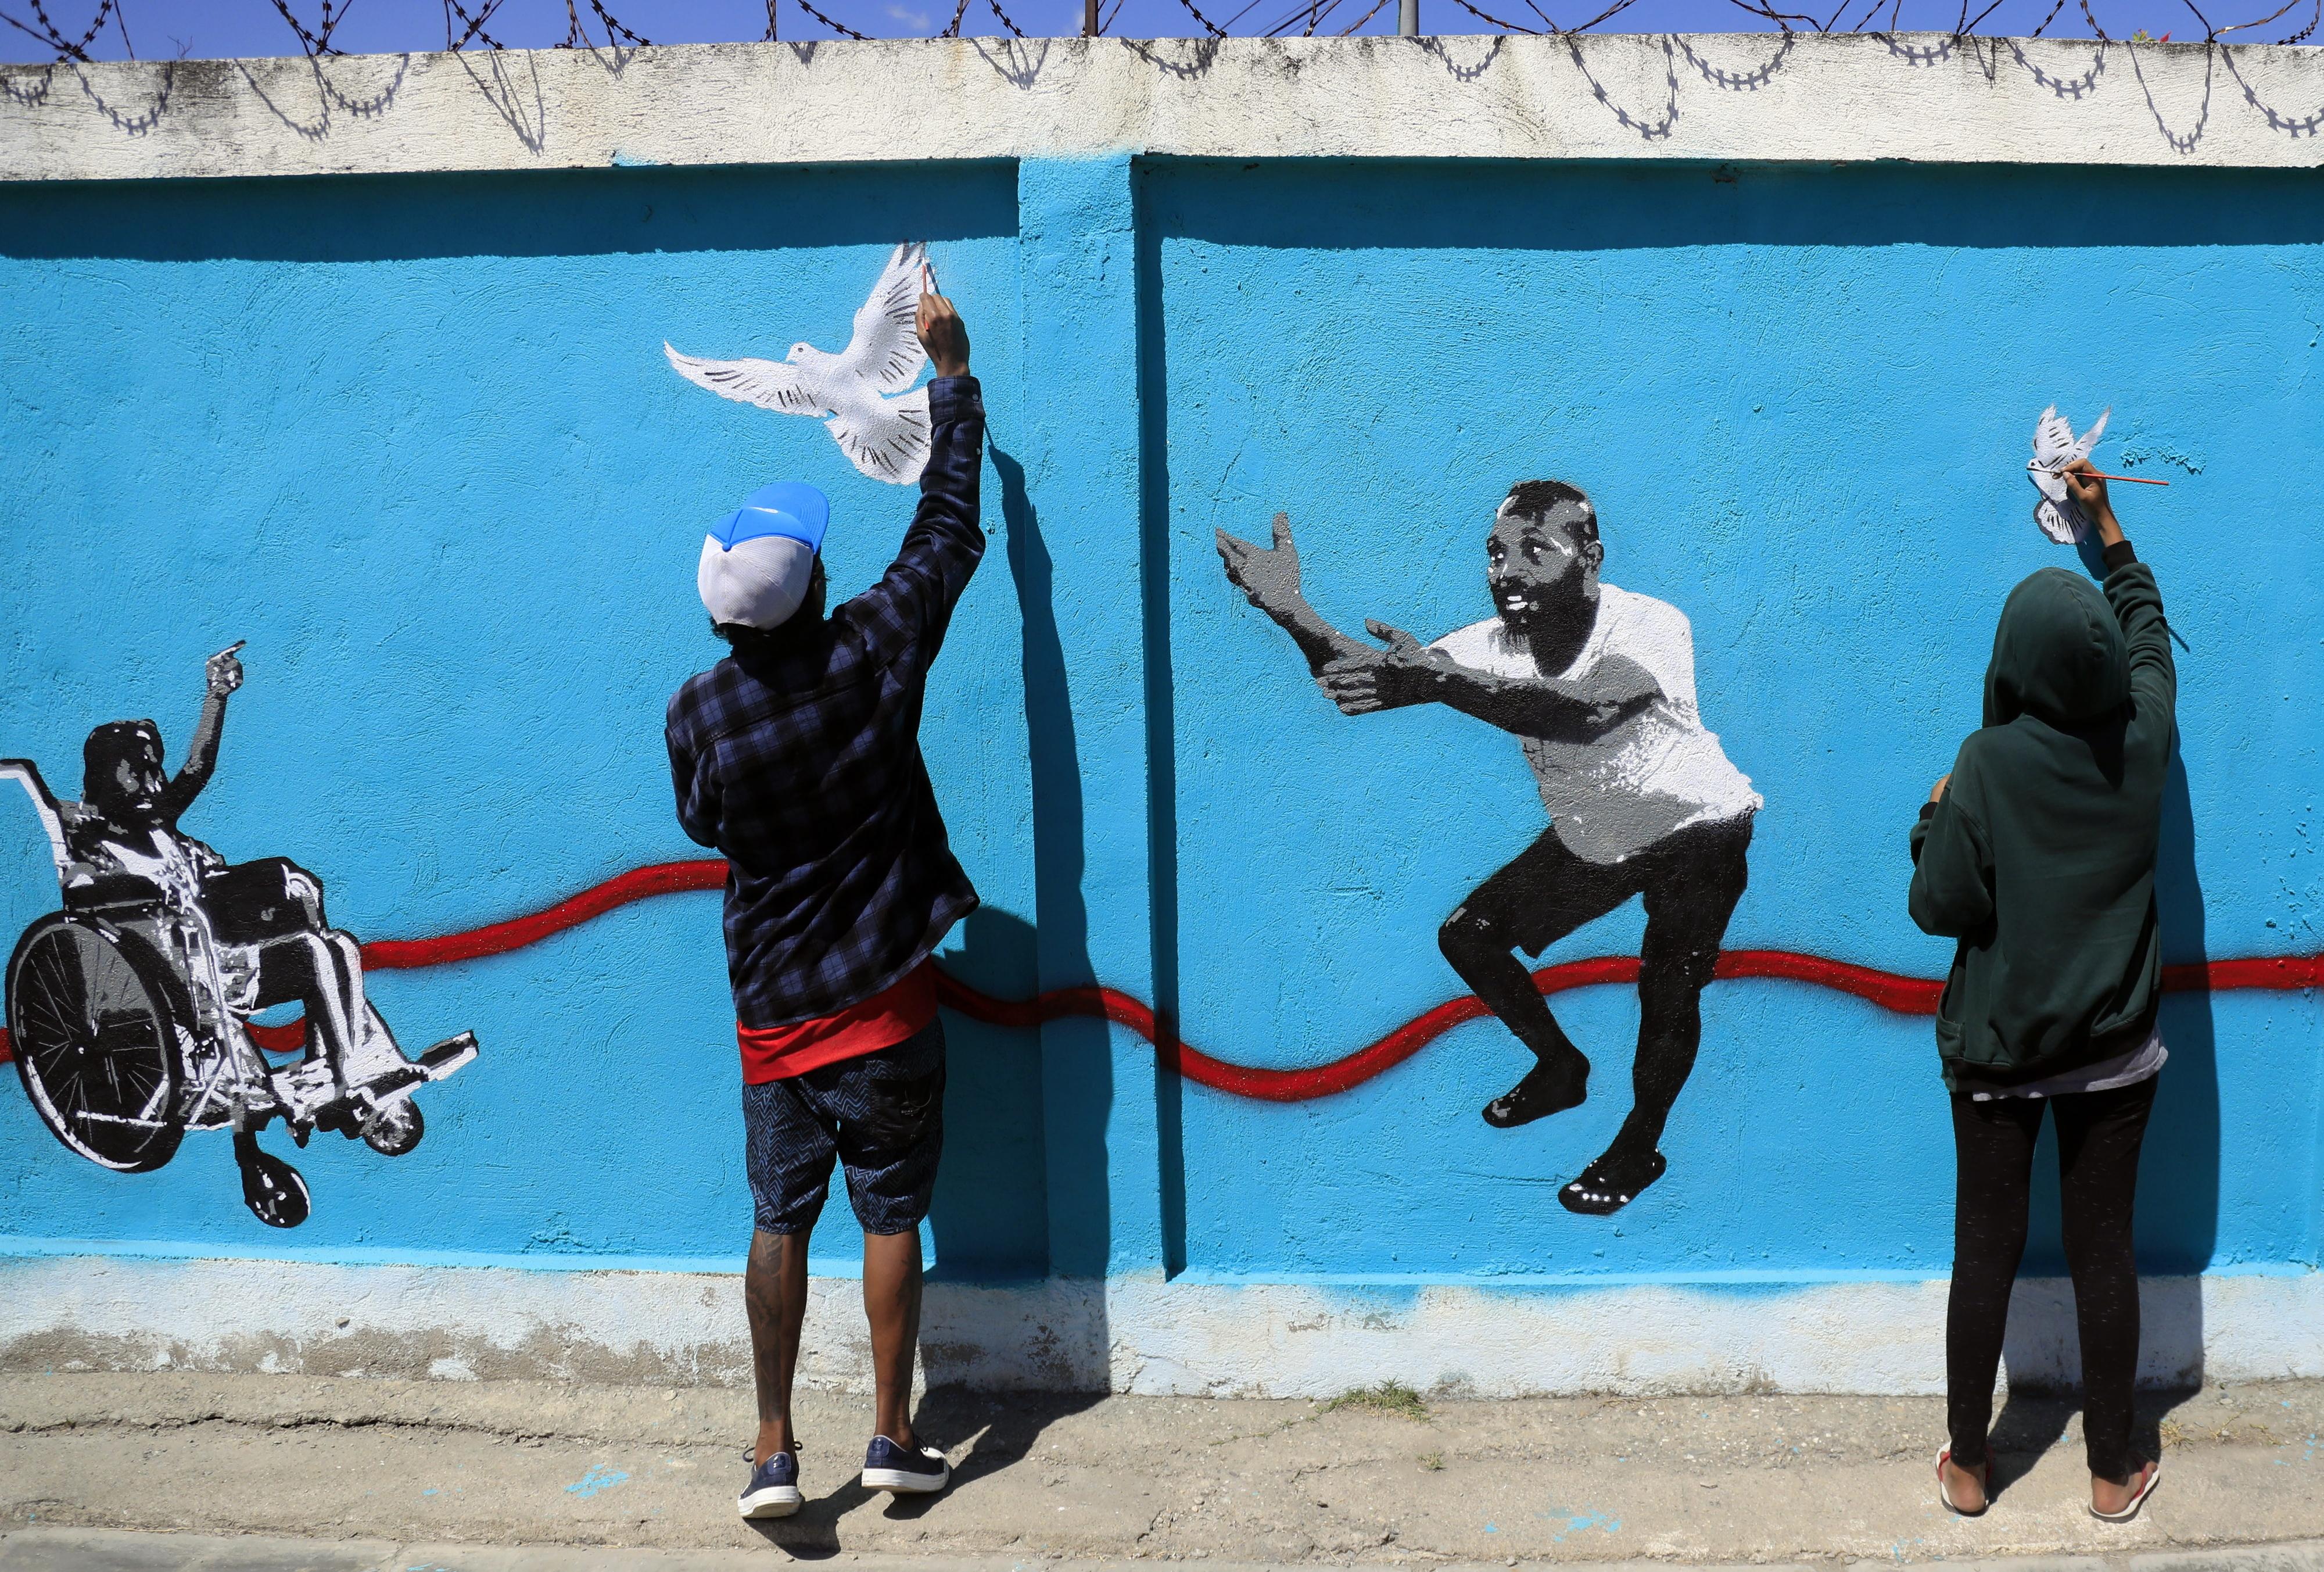 Apoio aos artistas nos PALOP e Timor-Leste adapta atividades